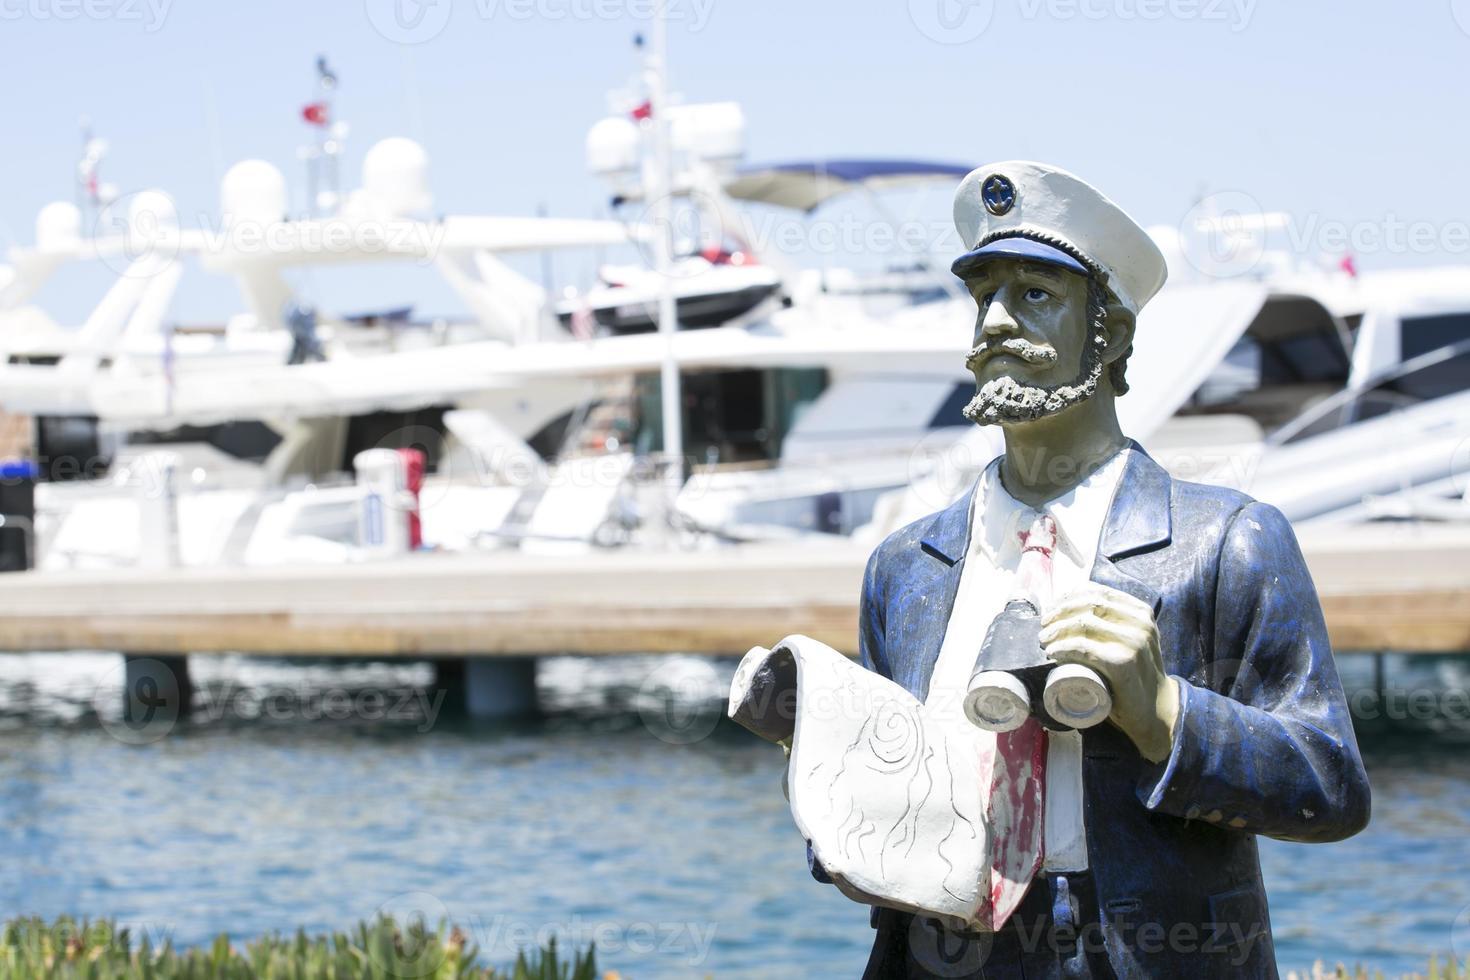 jachthaven foto